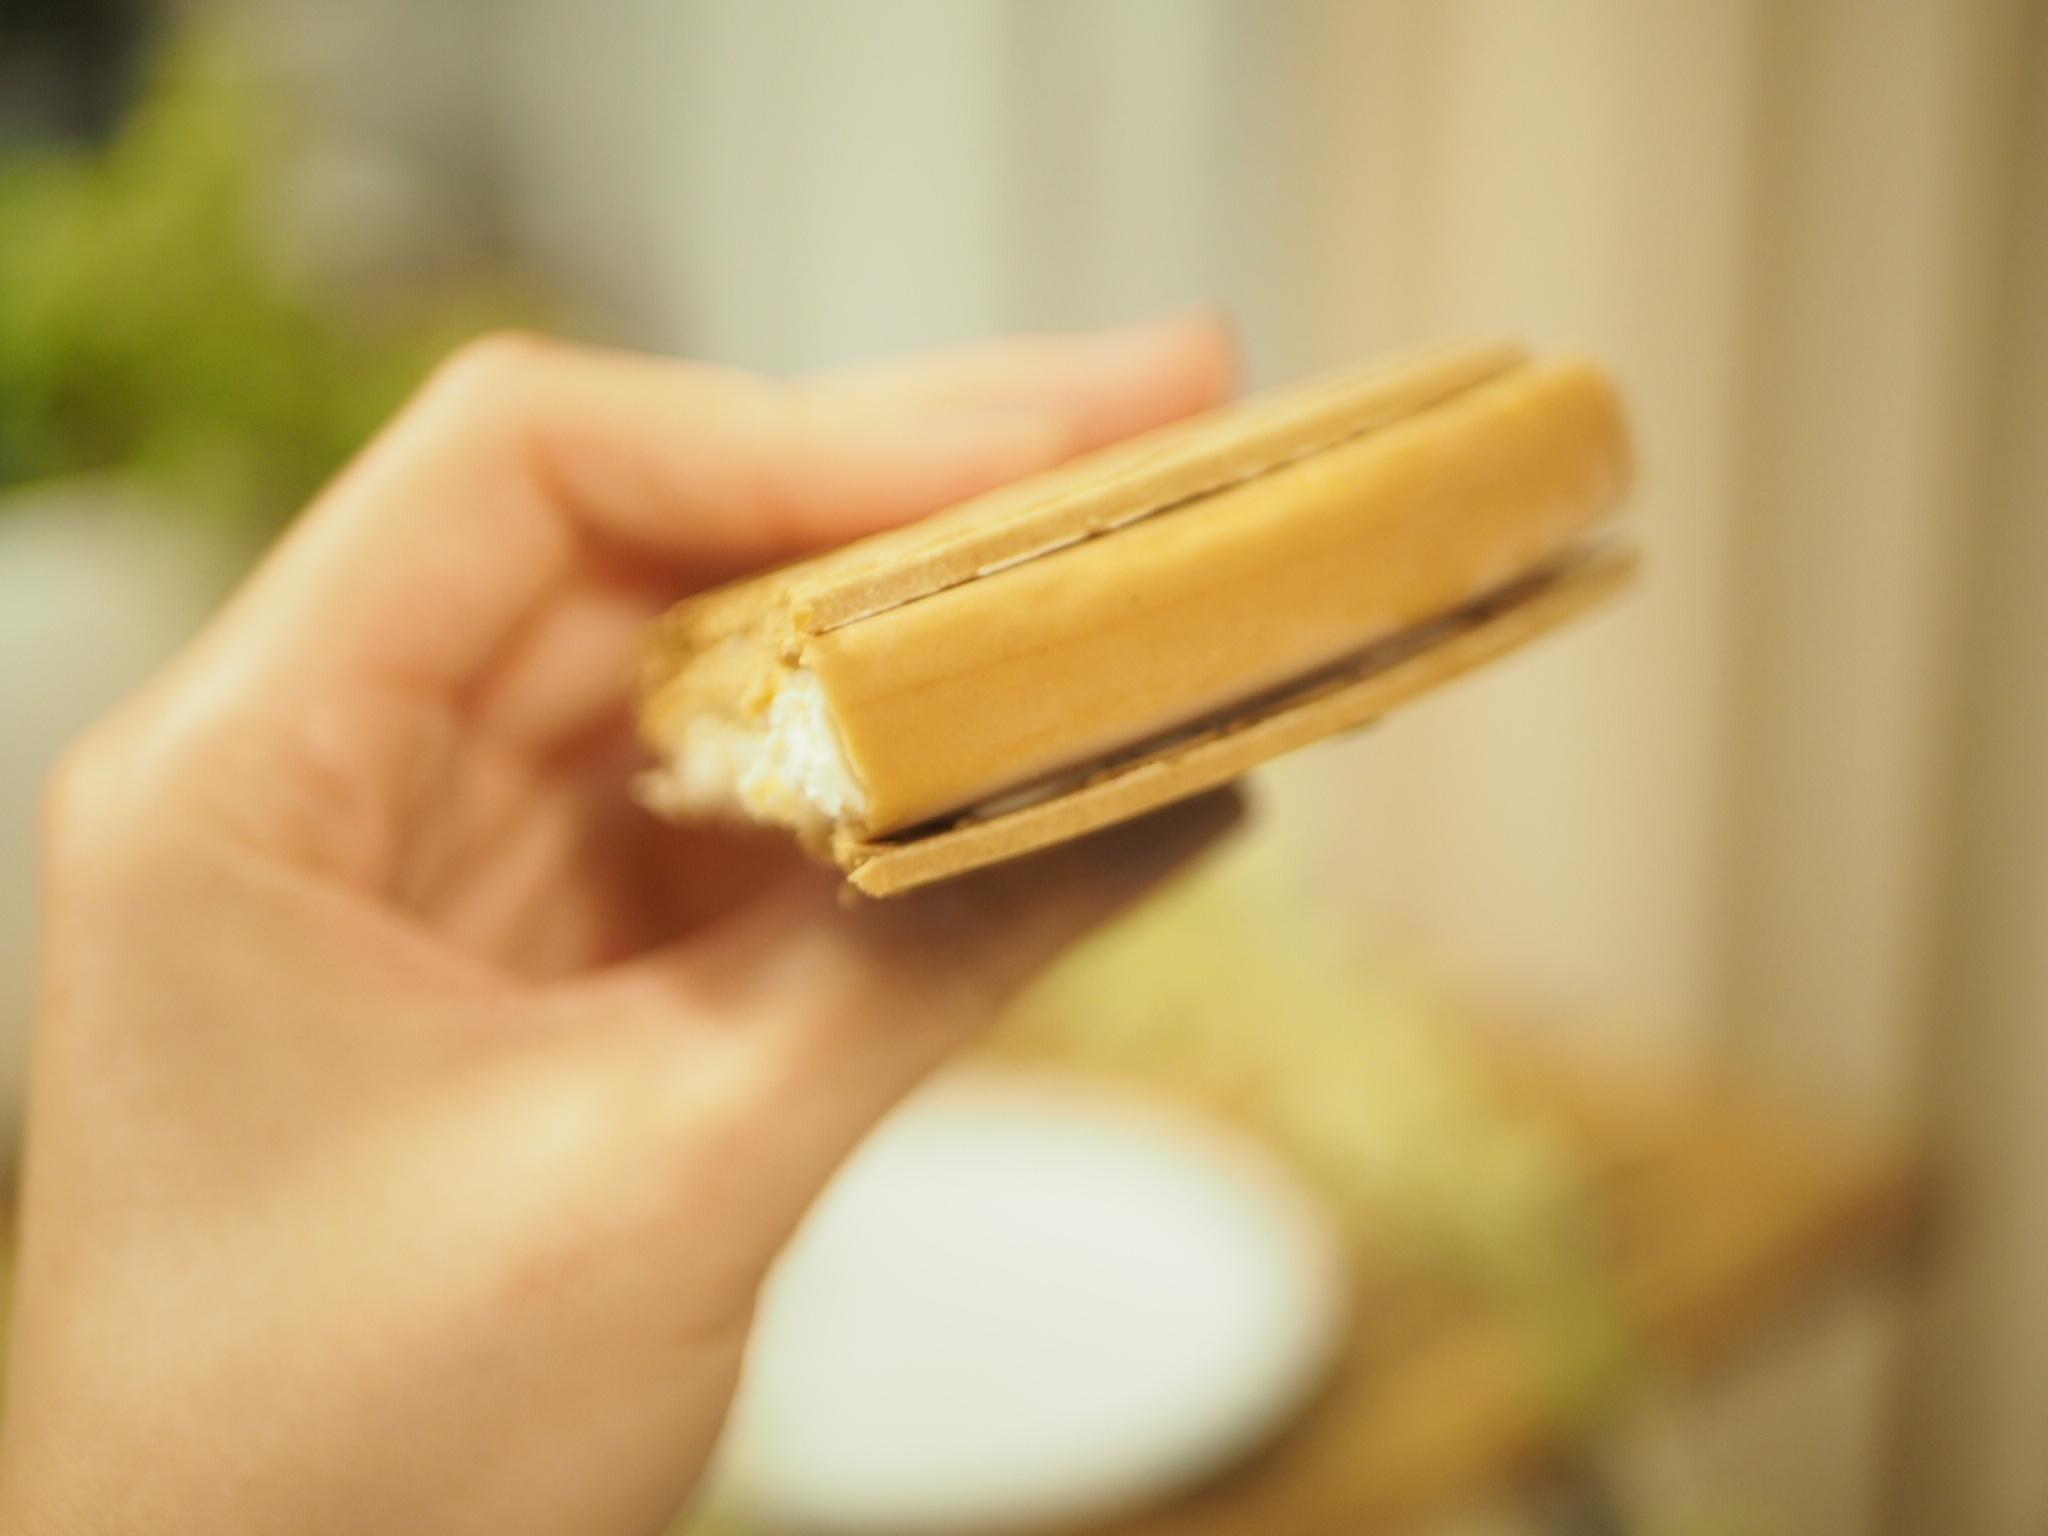 【ハーゲンダッツ】濃厚な味わいのバターサンド♡クリスピーサンド『アーモンドバターサンド』が登場♩_5